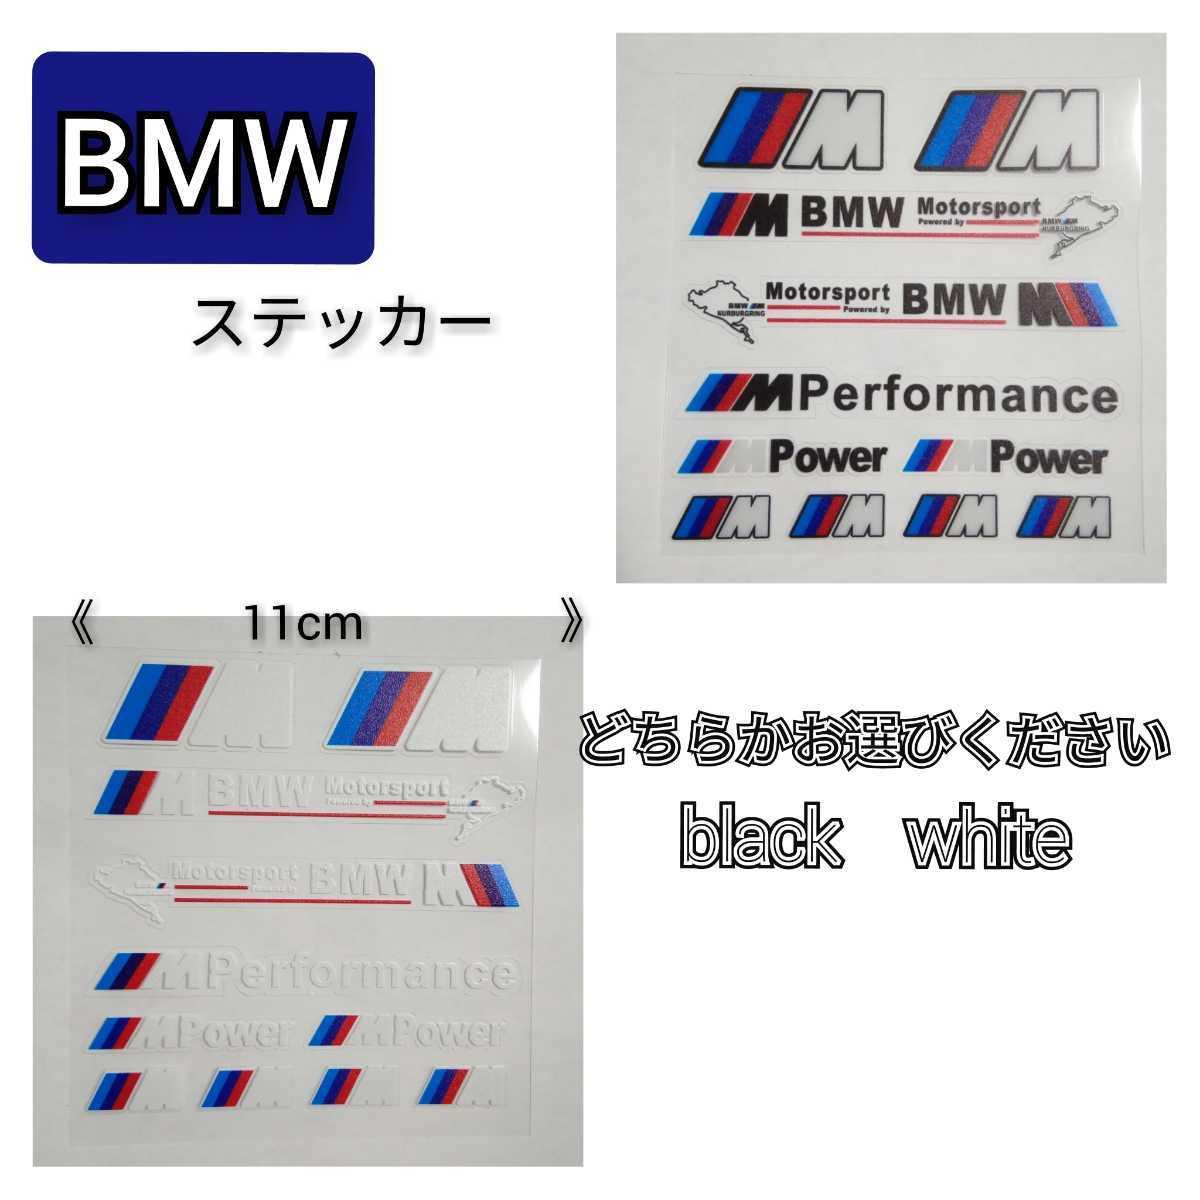 4N455 BMW Mパフォーマンス パワー ステッカー セット どちらかお選びください